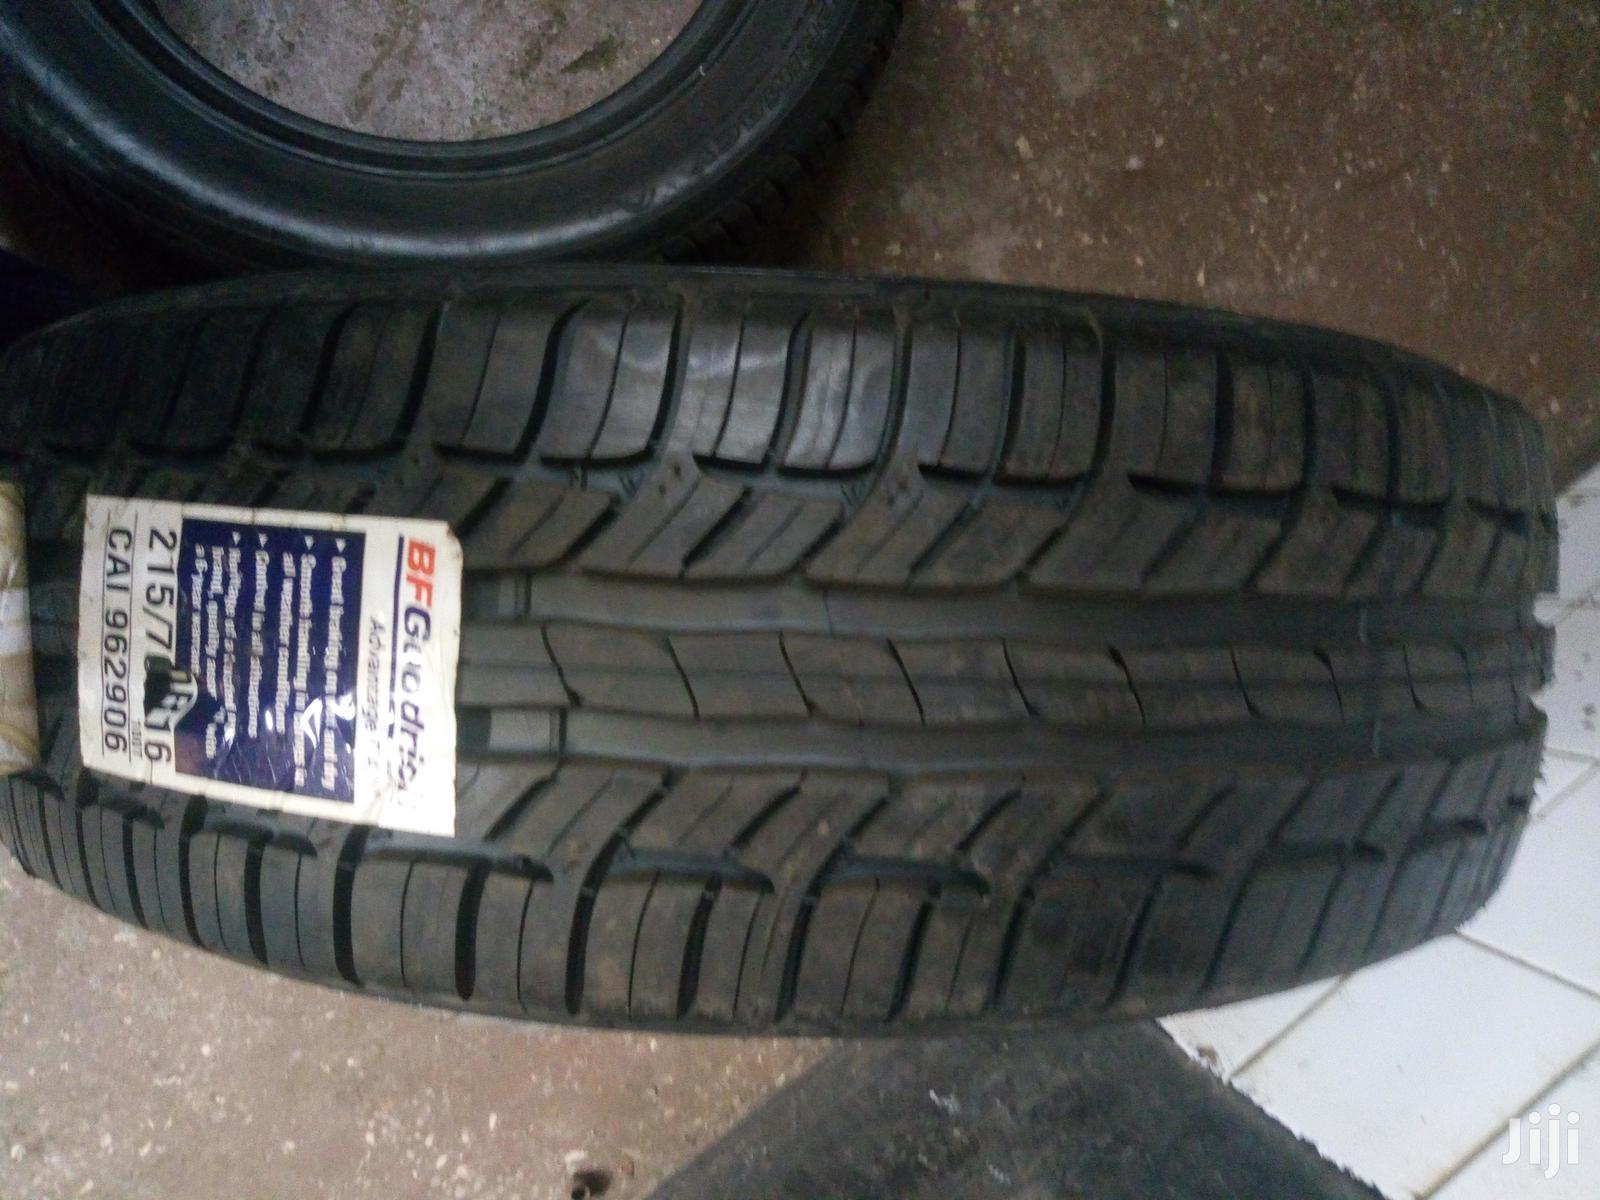 Archive: 215/70R16 BF Goodrich Tyre